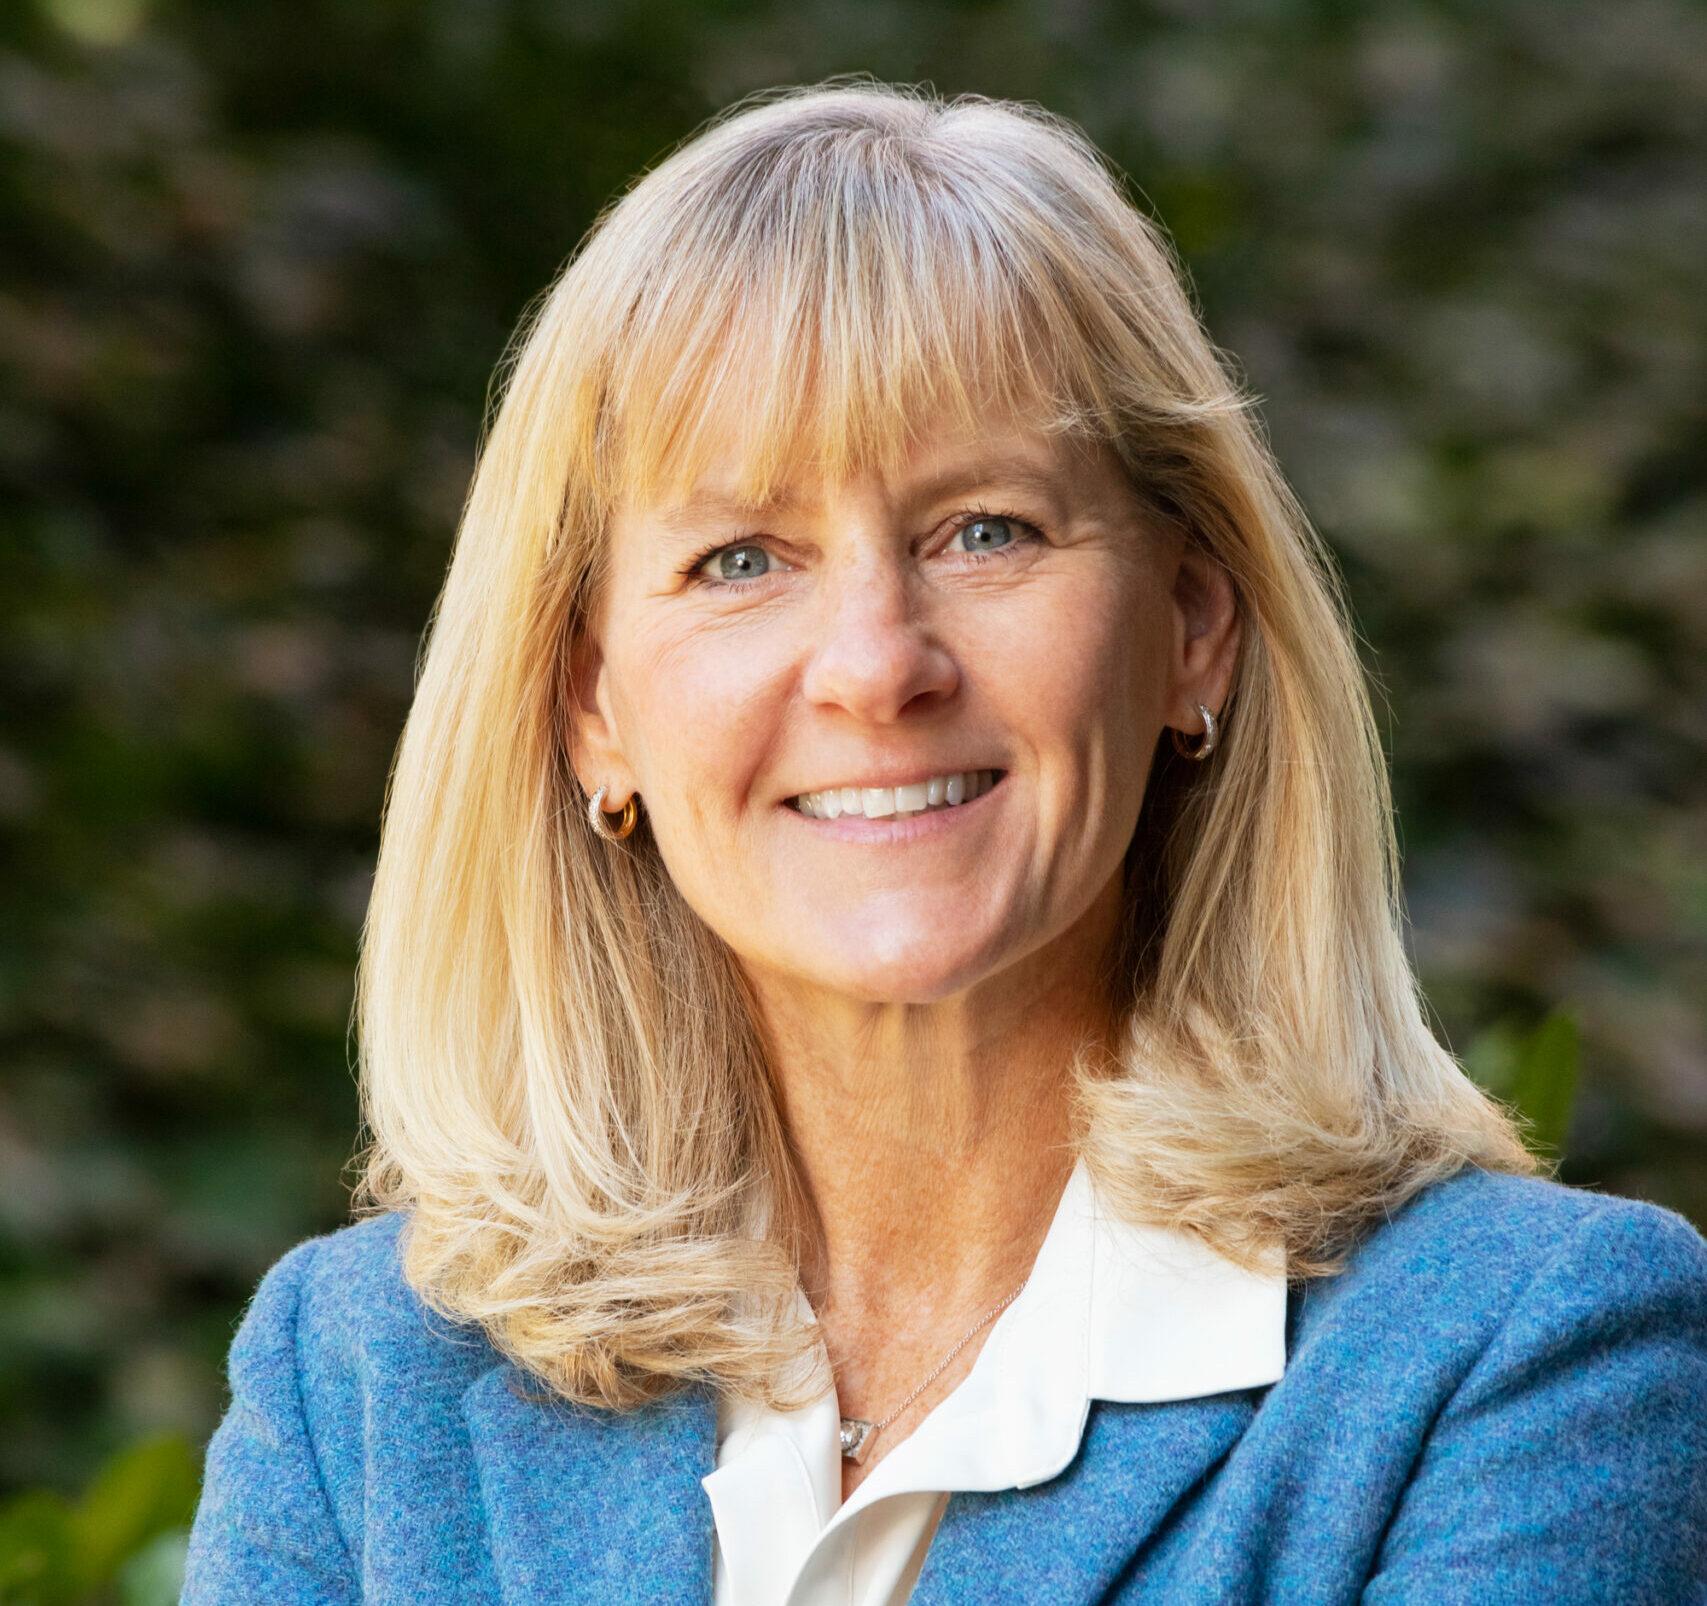 Marie Brumley Foster